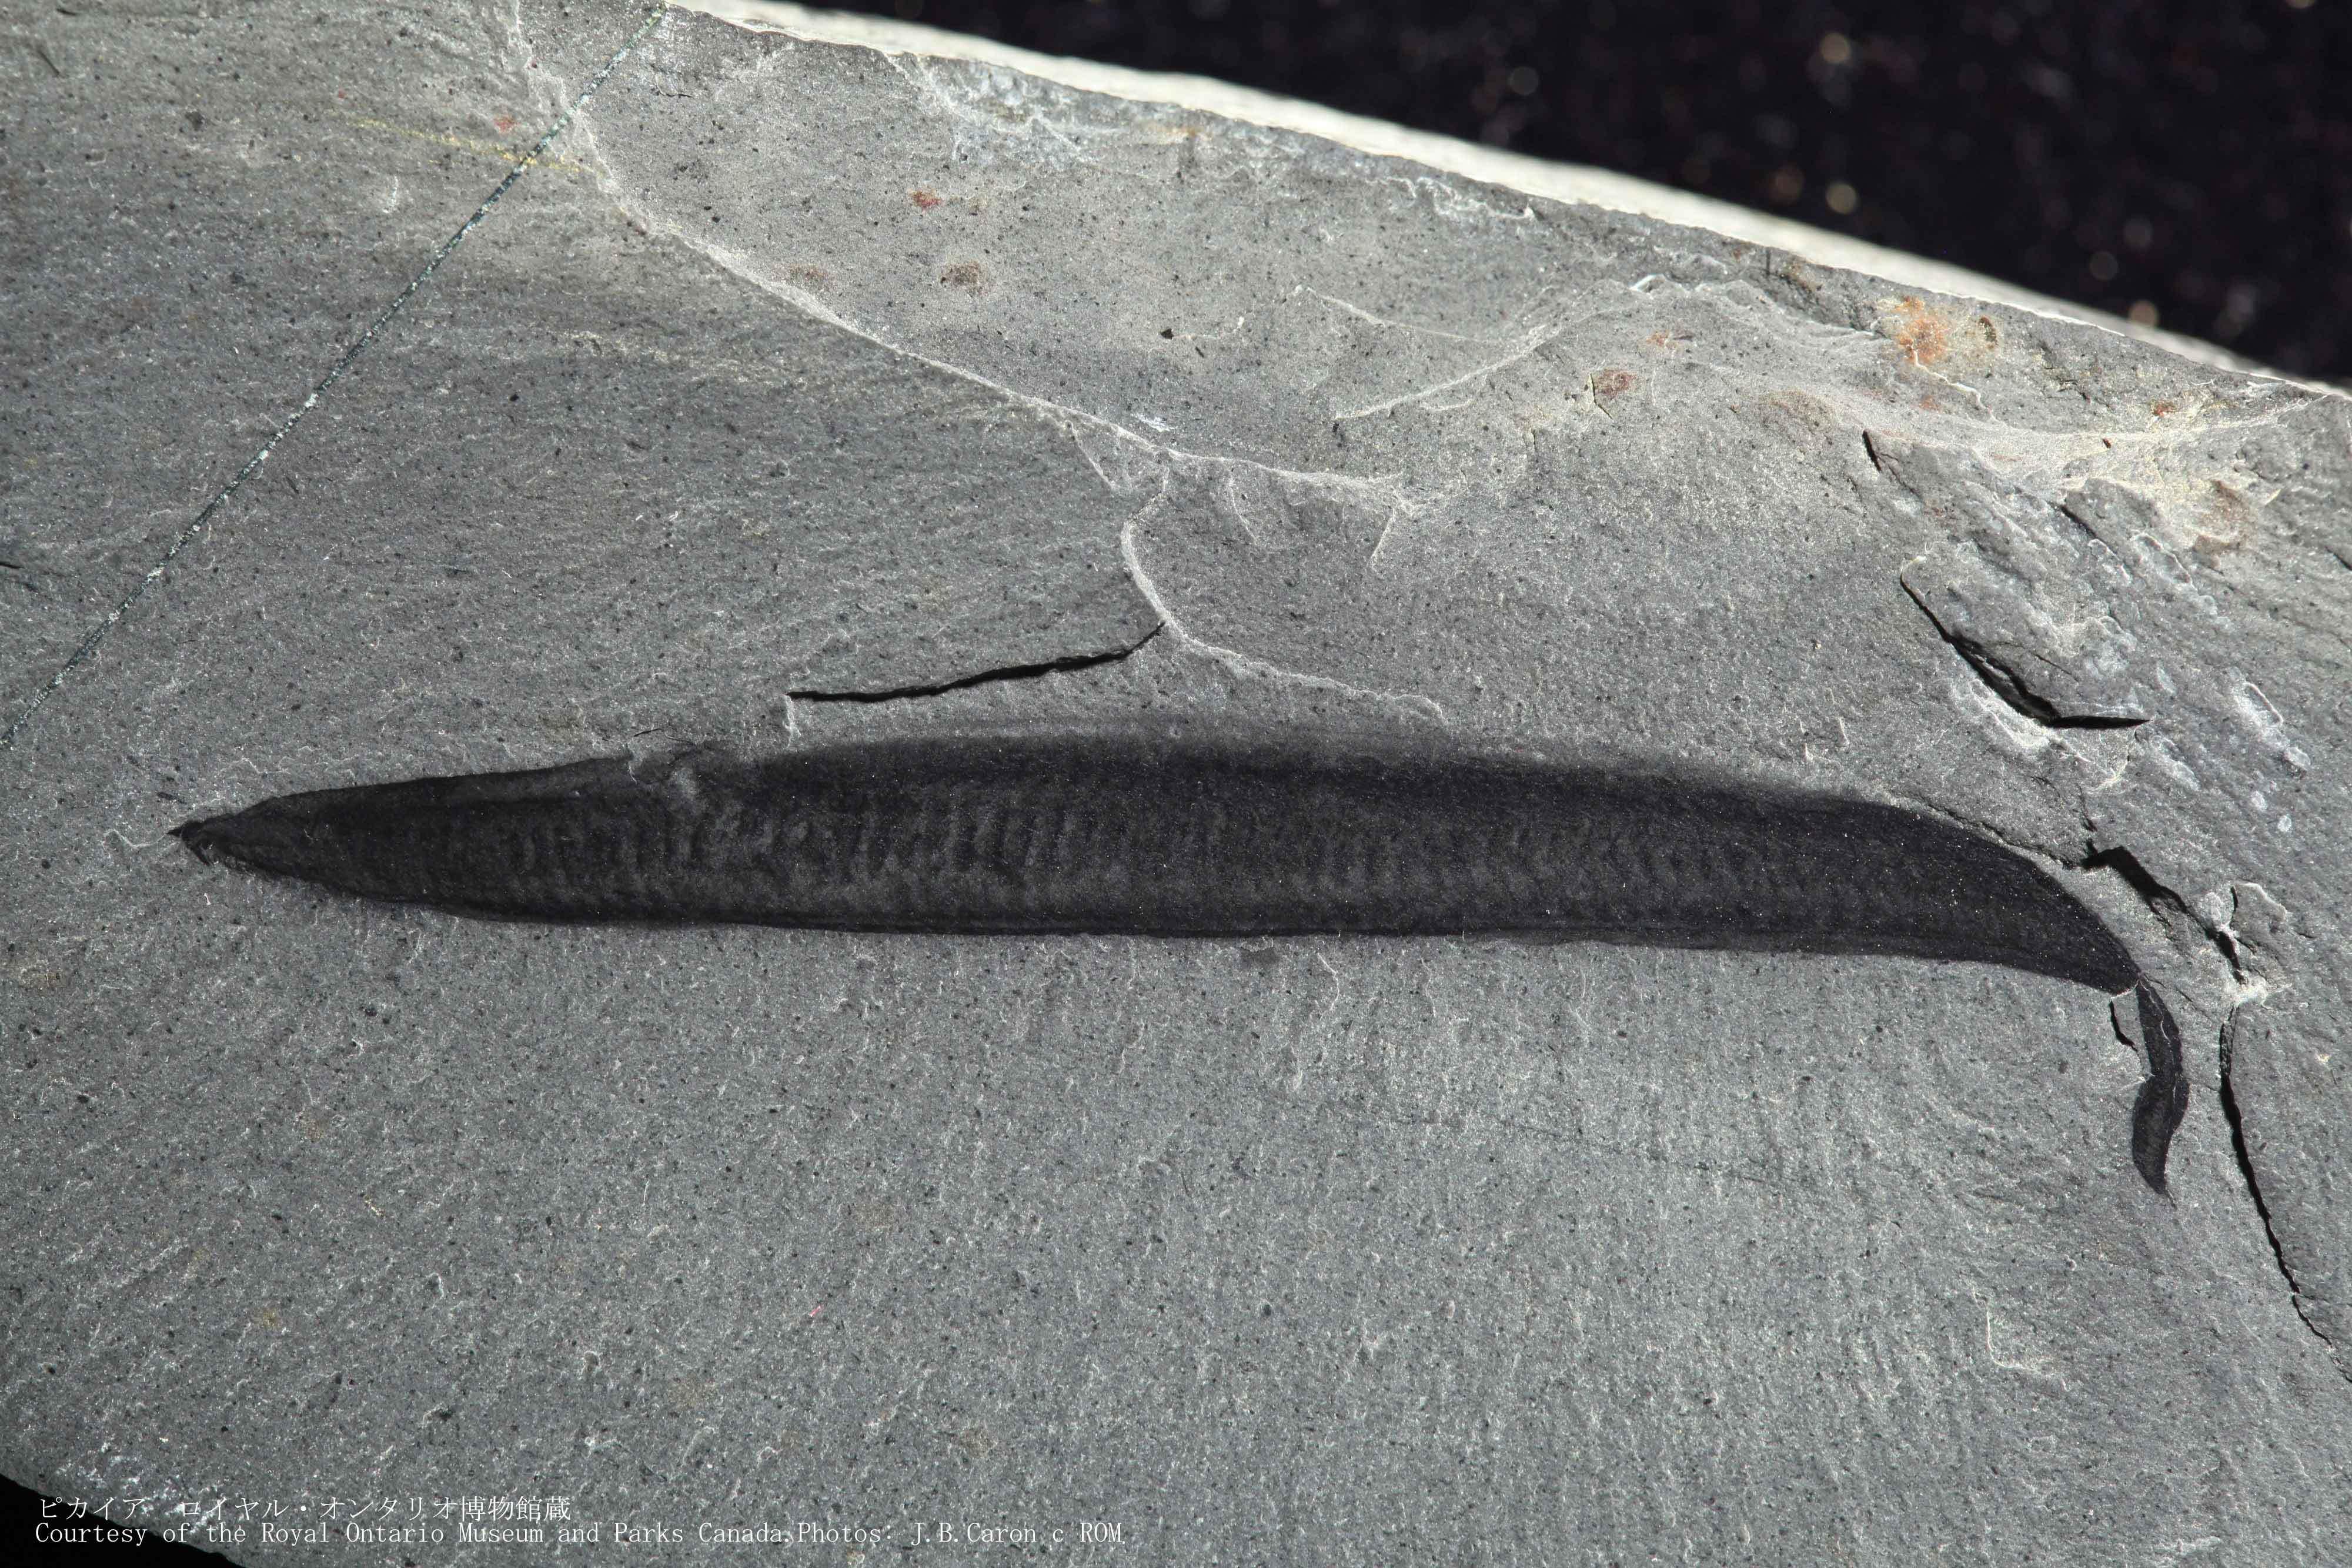 初期の脊索動物「ピカイア」